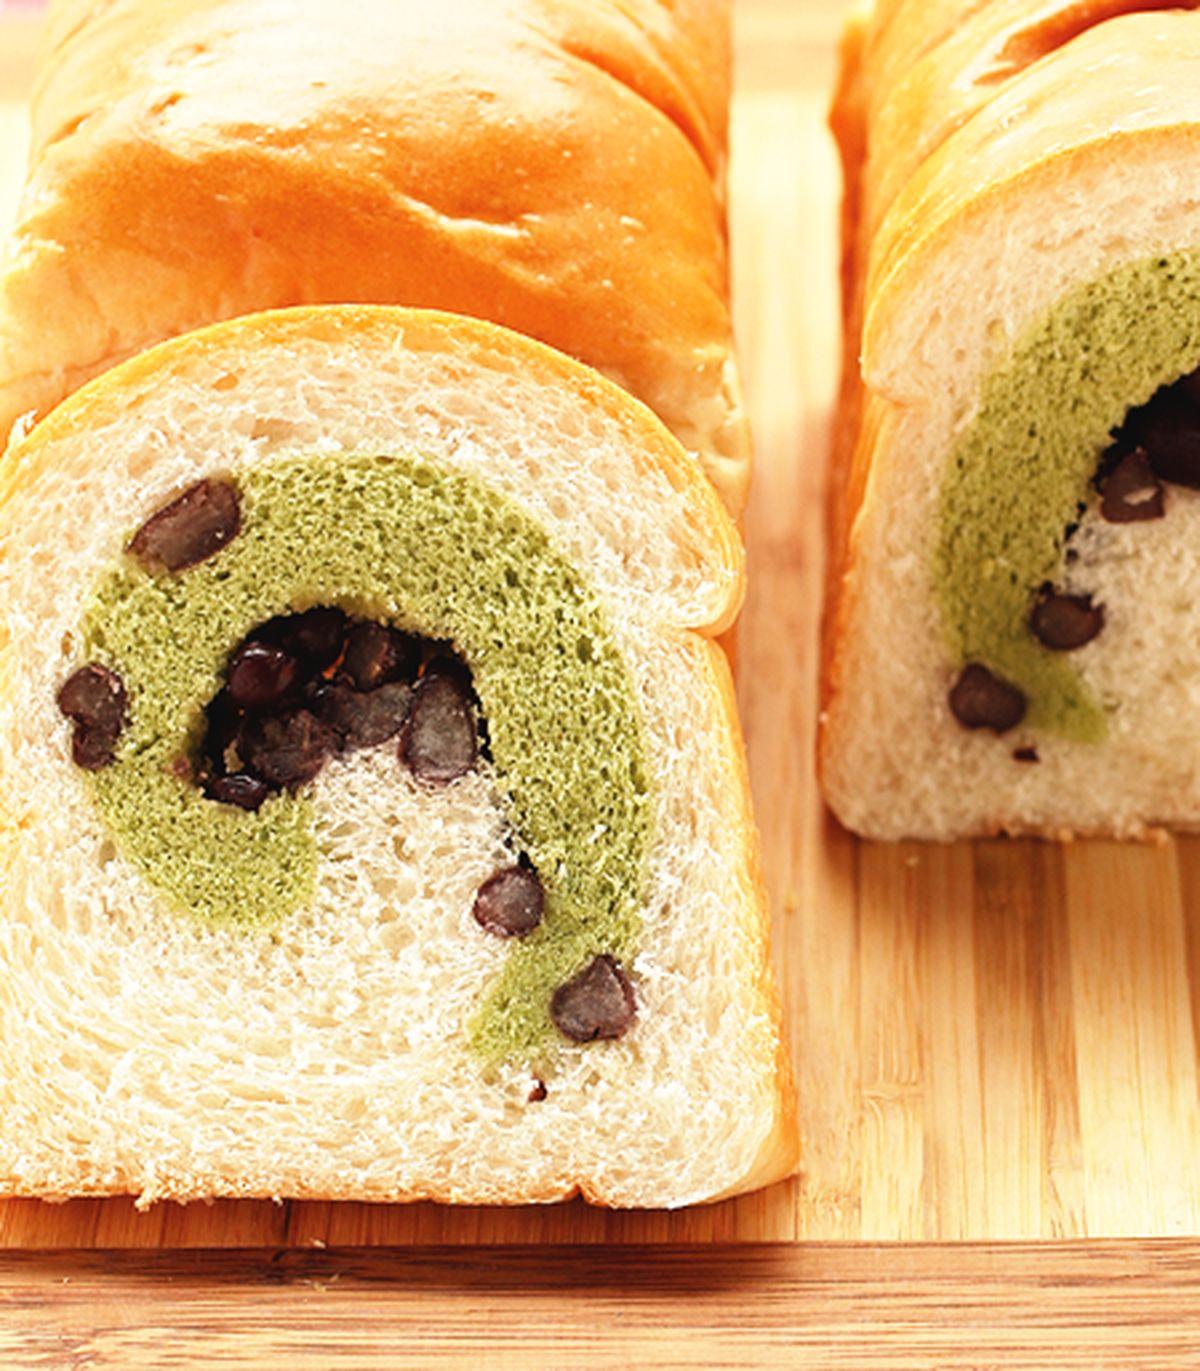 食譜:宇治金時蛋糕土司